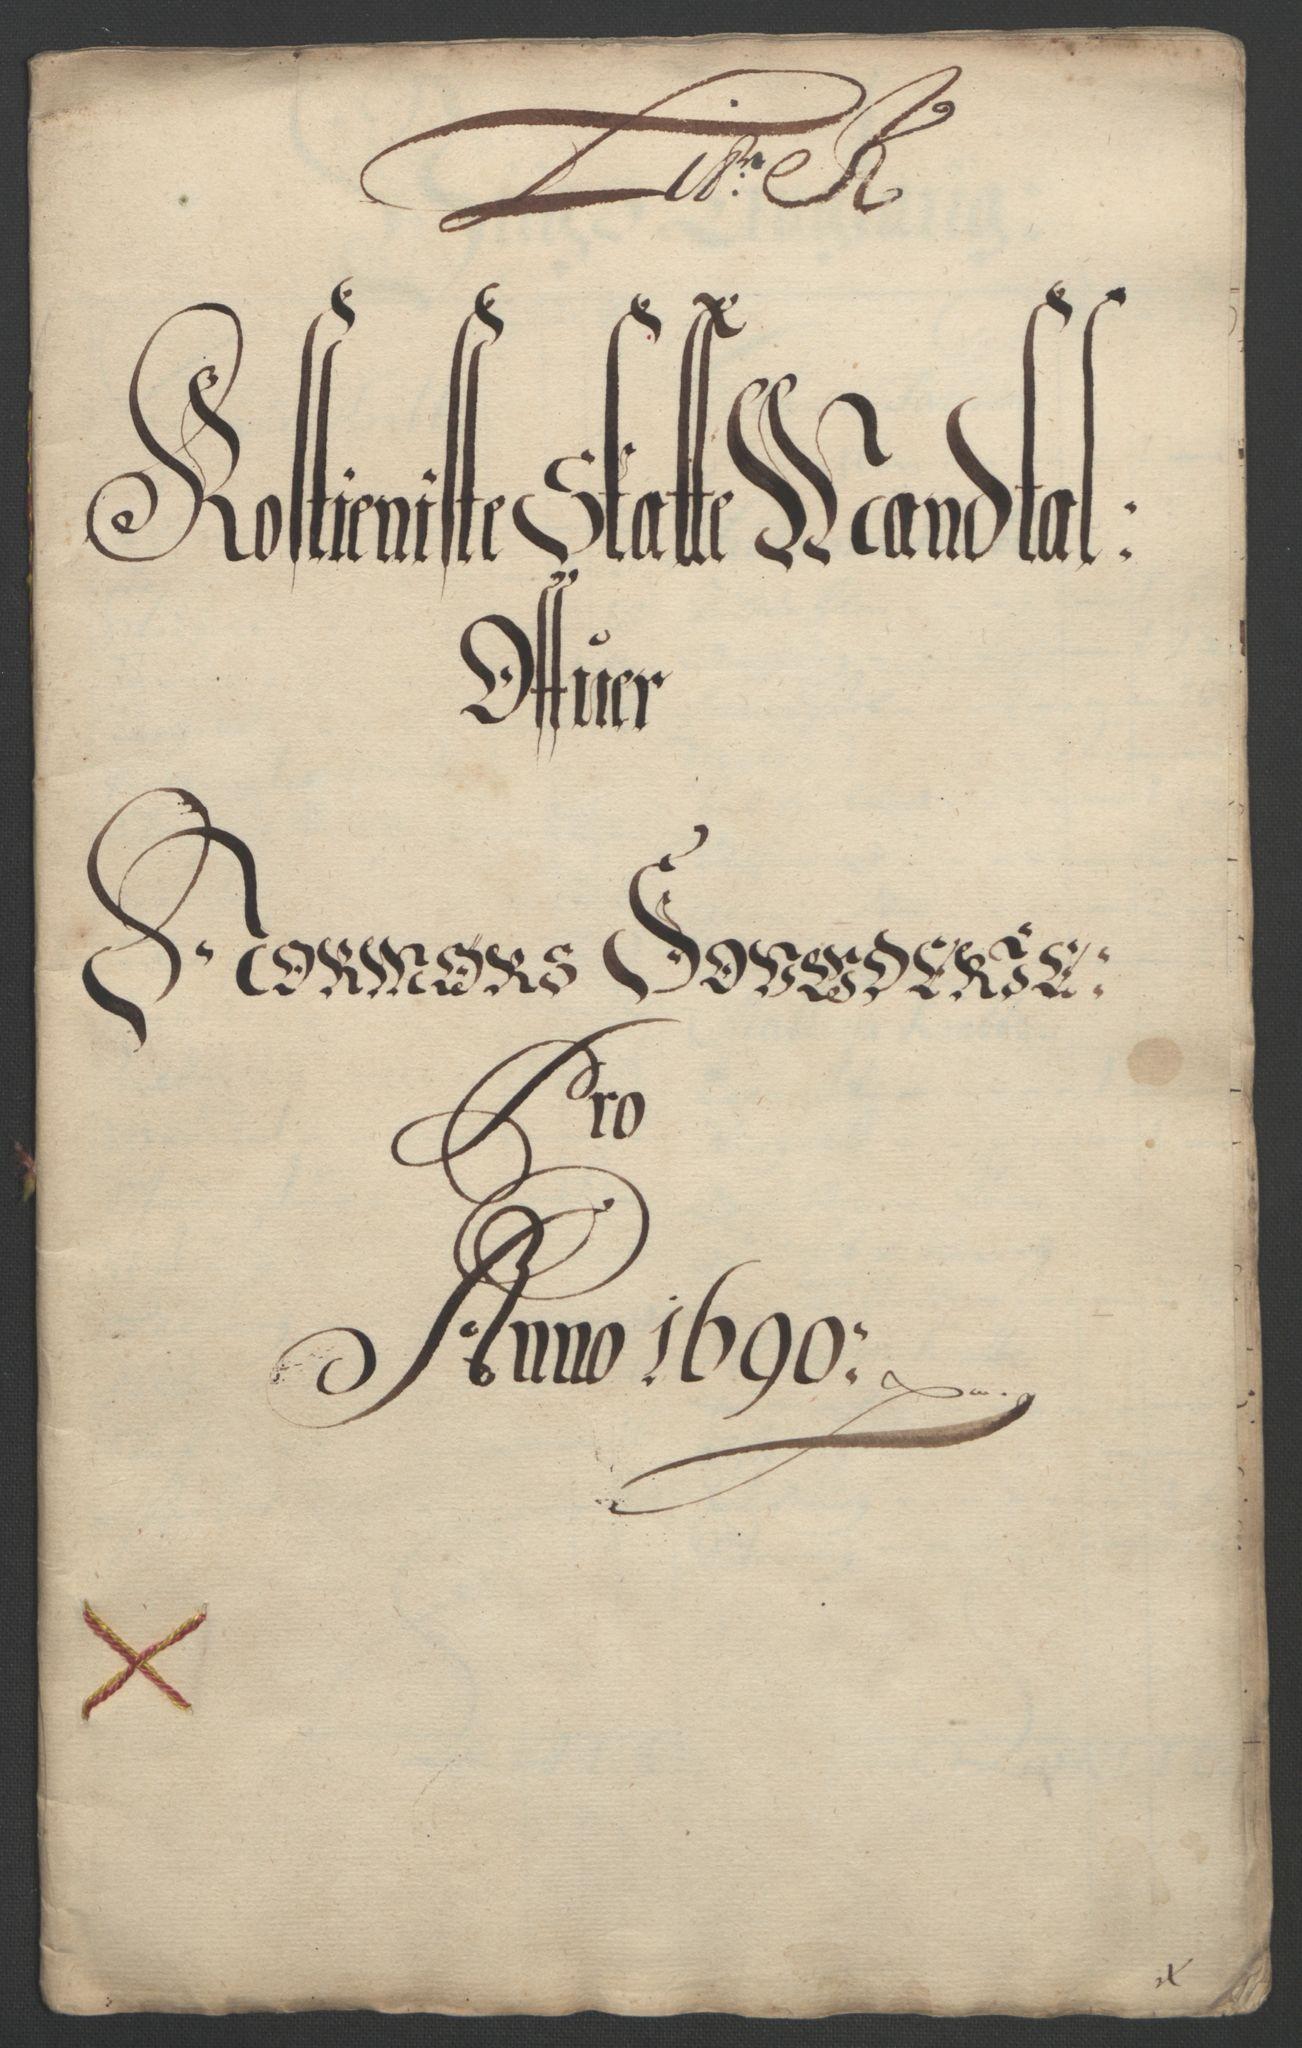 RA, Rentekammeret inntil 1814, Reviderte regnskaper, Fogderegnskap, R56/L3734: Fogderegnskap Nordmøre, 1690-1691, s. 152